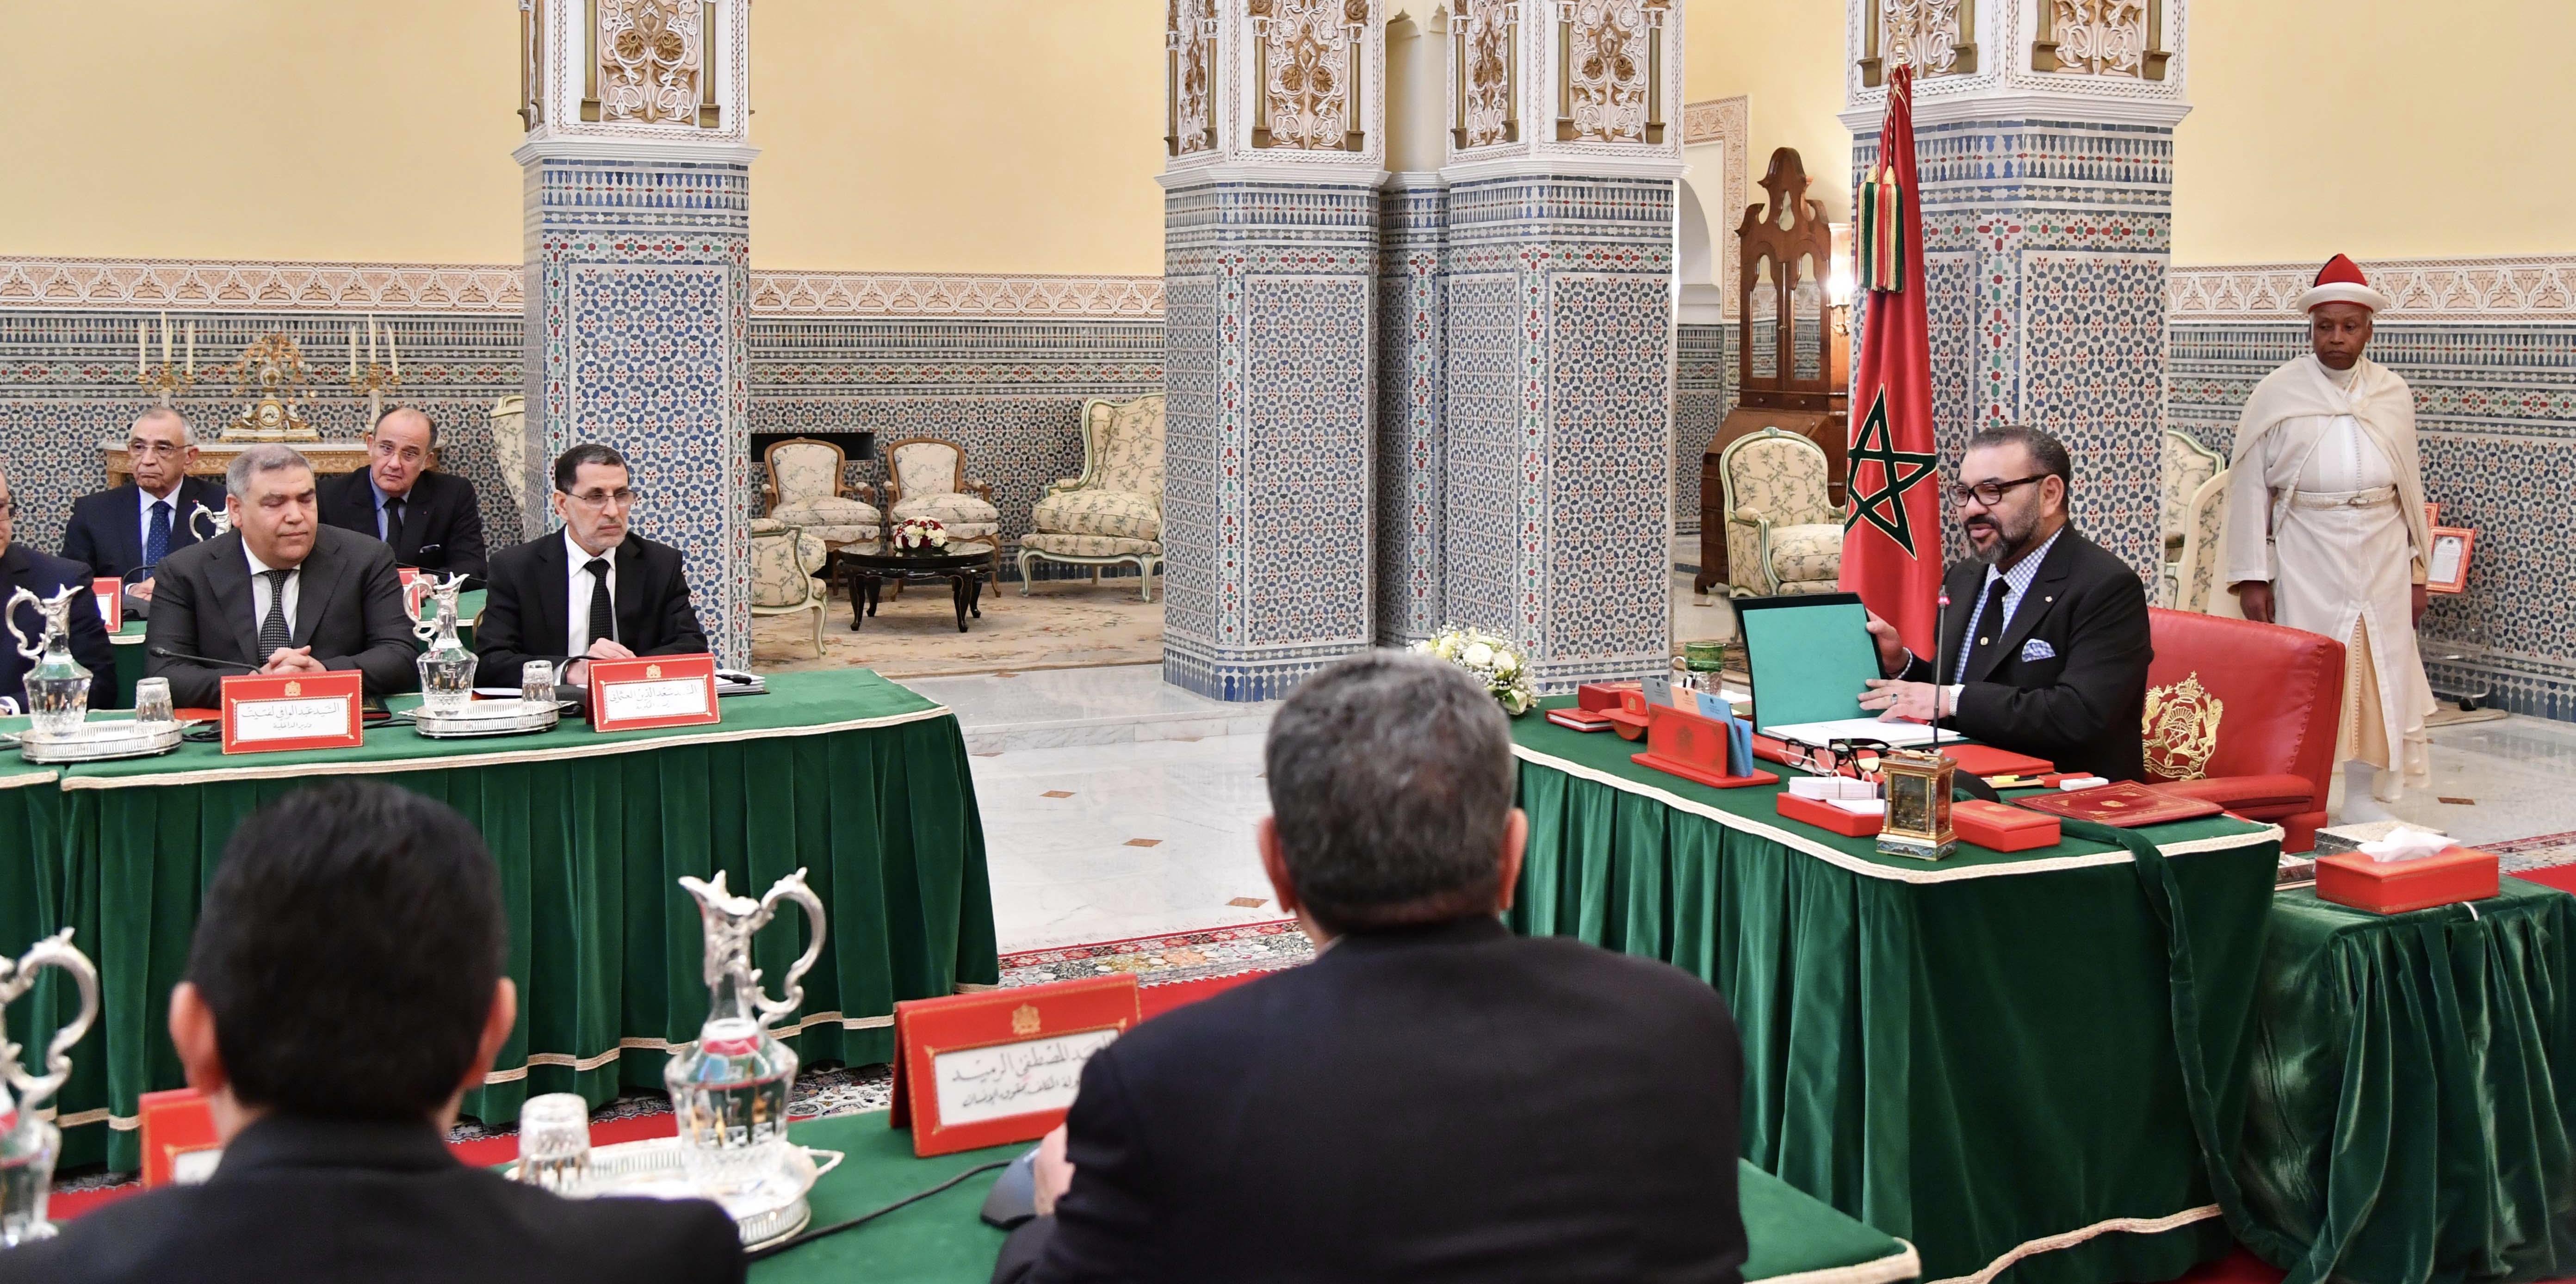 إنفراد/تعيينات واسعة للعُمال والوُلاة والسفراء بالمجلس الوزاري بمراكش